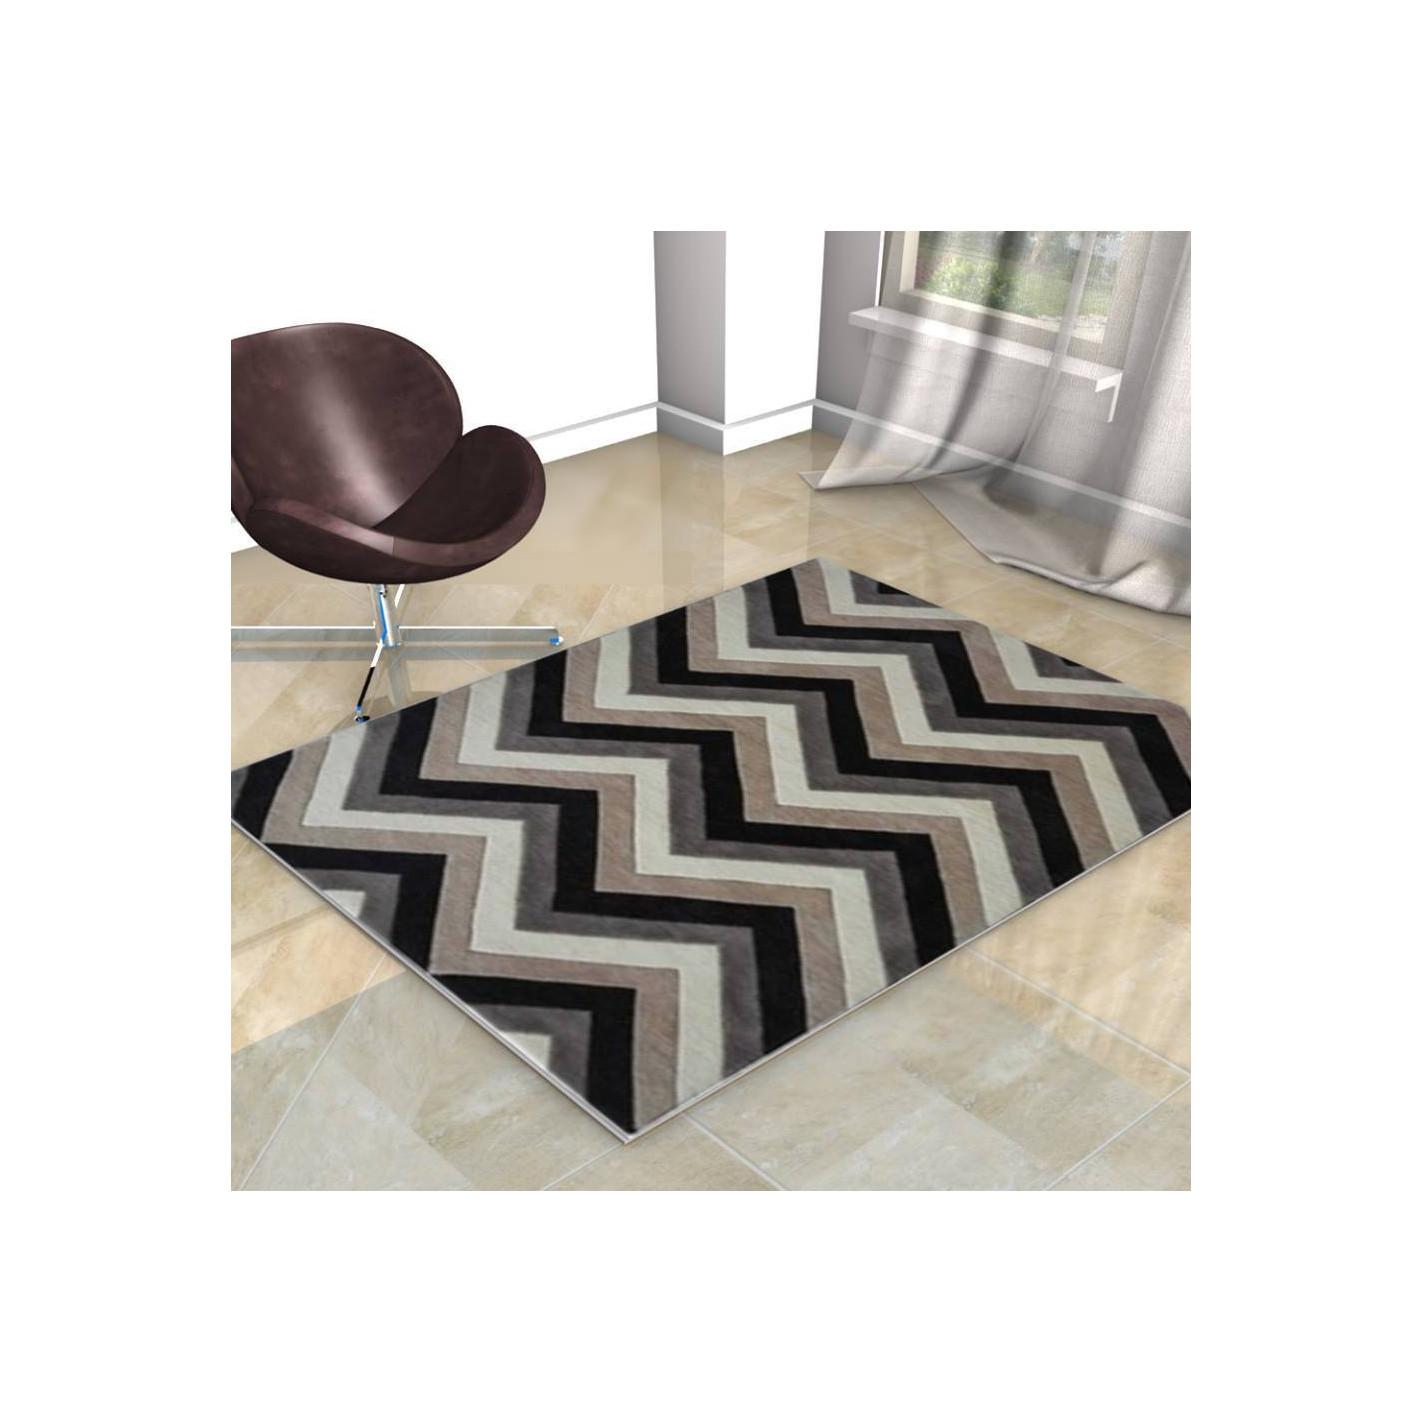 Tapis Noir Et Blanc Scandinave : tapis scandinave zigzag beige noir et blanc ~ Teatrodelosmanantiales.com Idées de Décoration